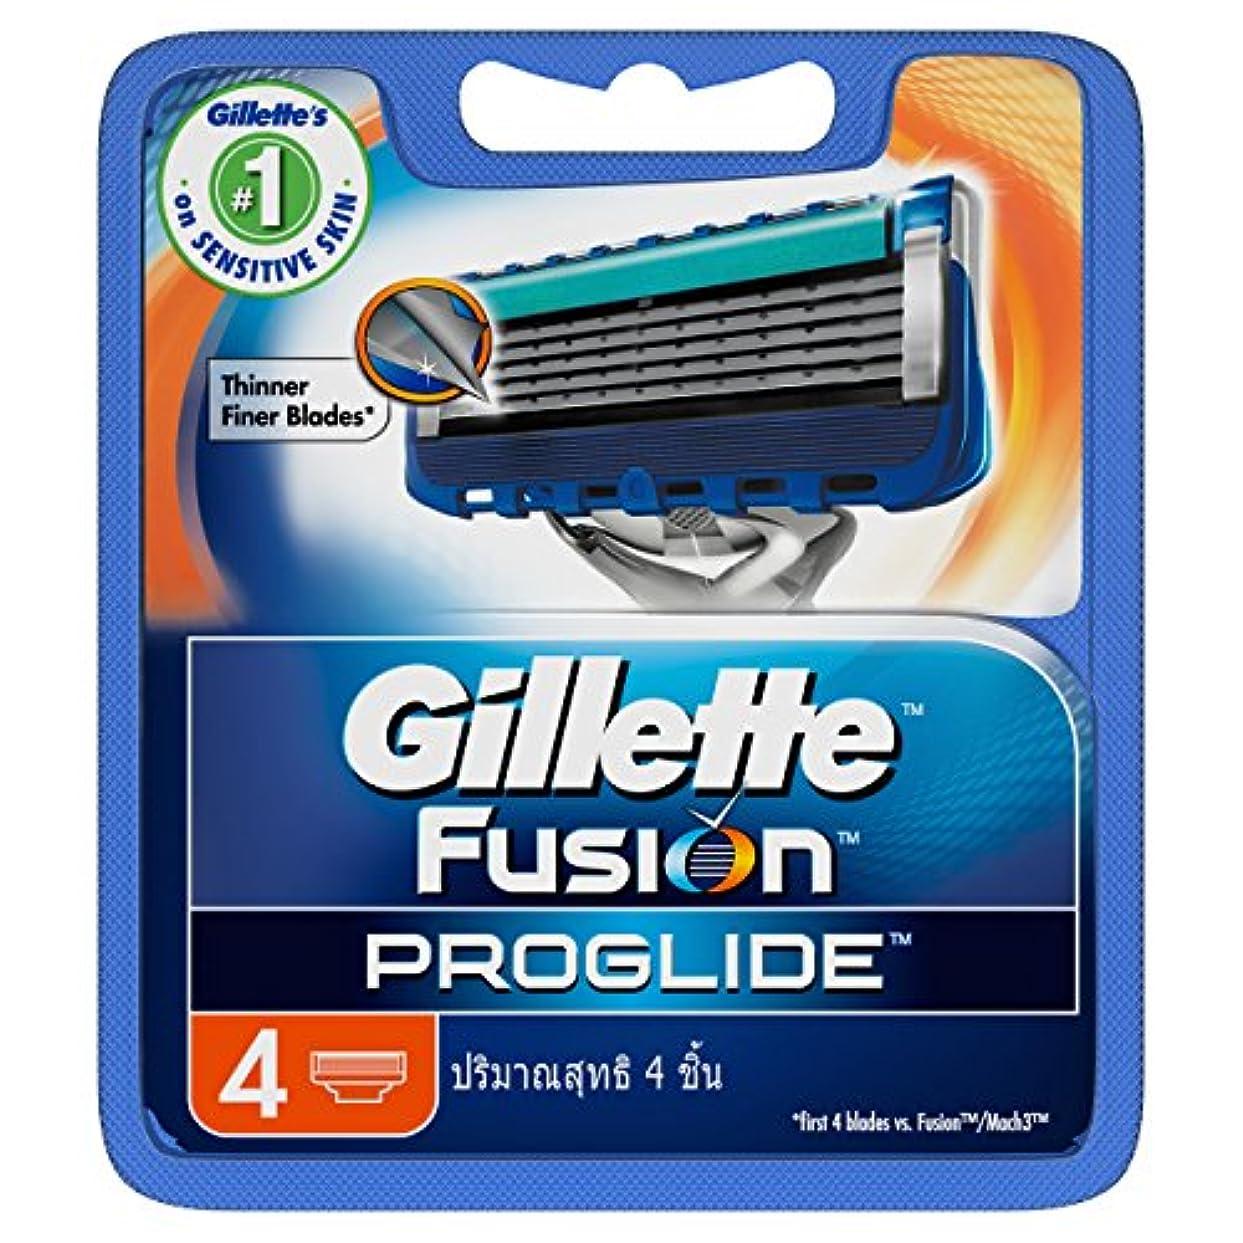 脇に縁所有権Gillette Fusion Proglide Shaving Cartridges 4